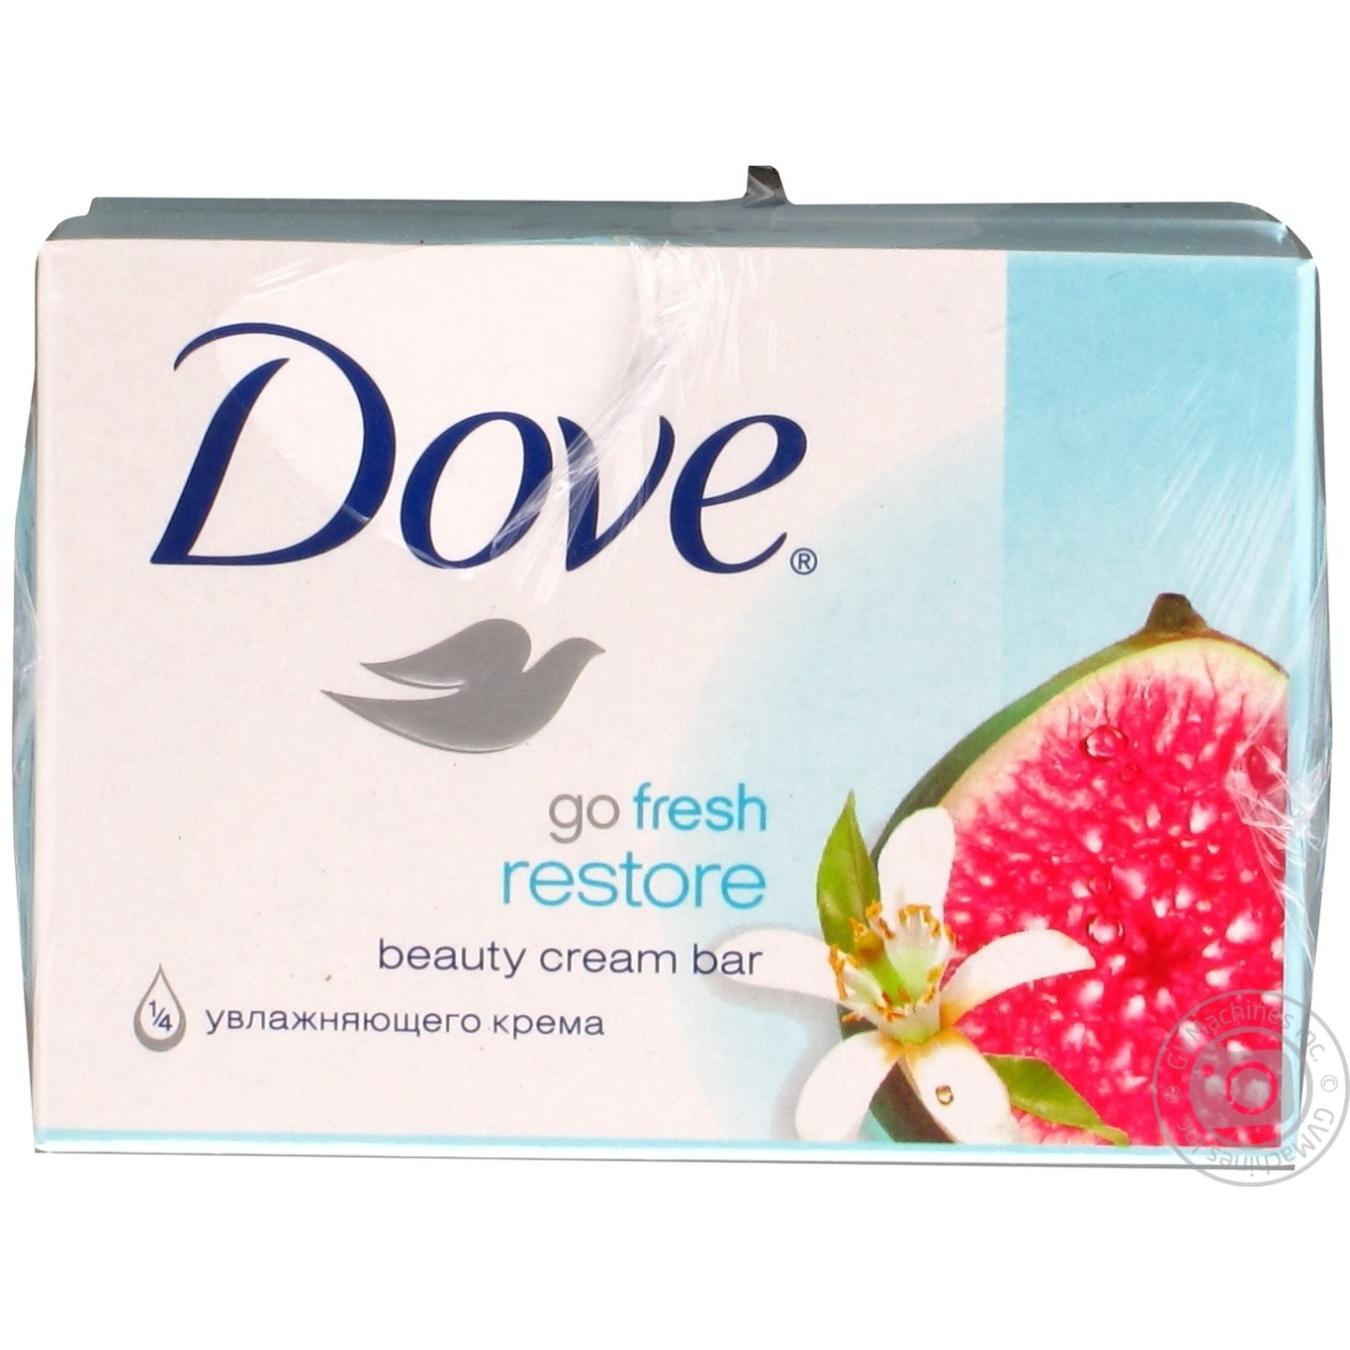 Dove Крем-мыло Инжир и лепестки апельсина 135г